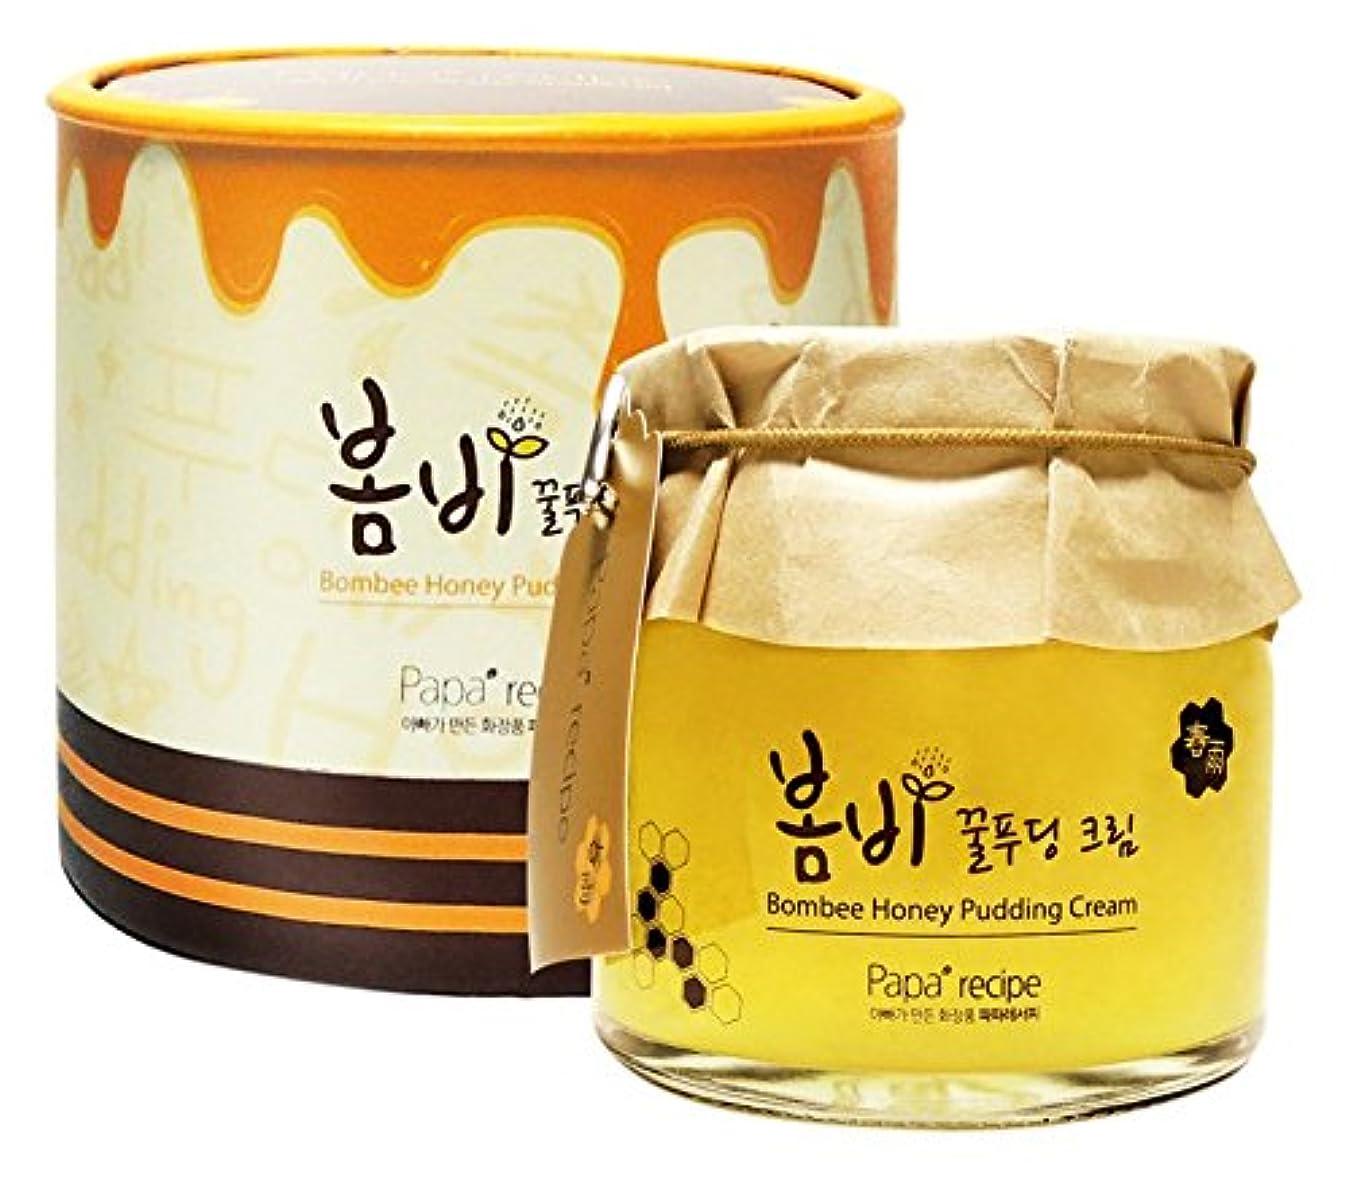 誠実達成する時々時々Papa recipe Bombee Honey Pudding Cream 135ml/パパレシピ ボムビー ハニー プリン クリーム 135ml